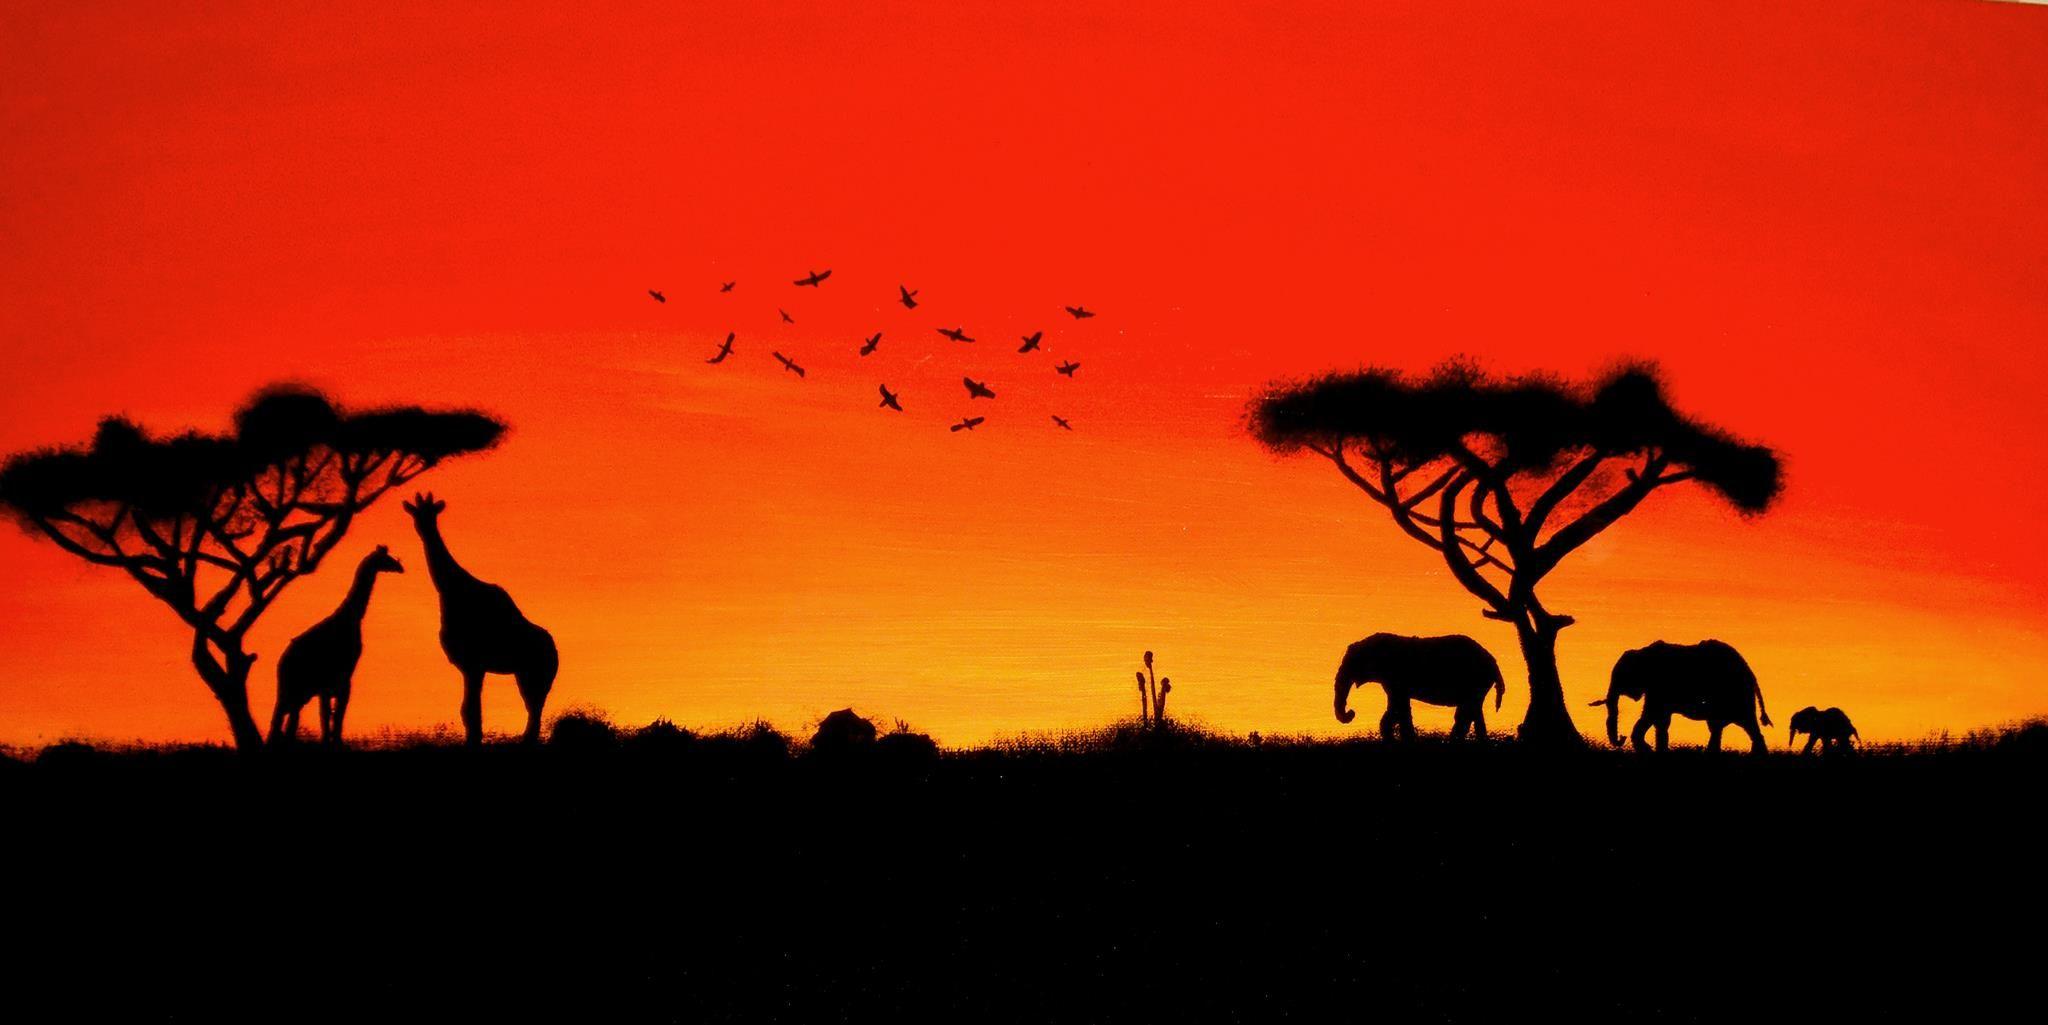 Sunset シルエットアート, アフリカのアート, ランドスケープアート